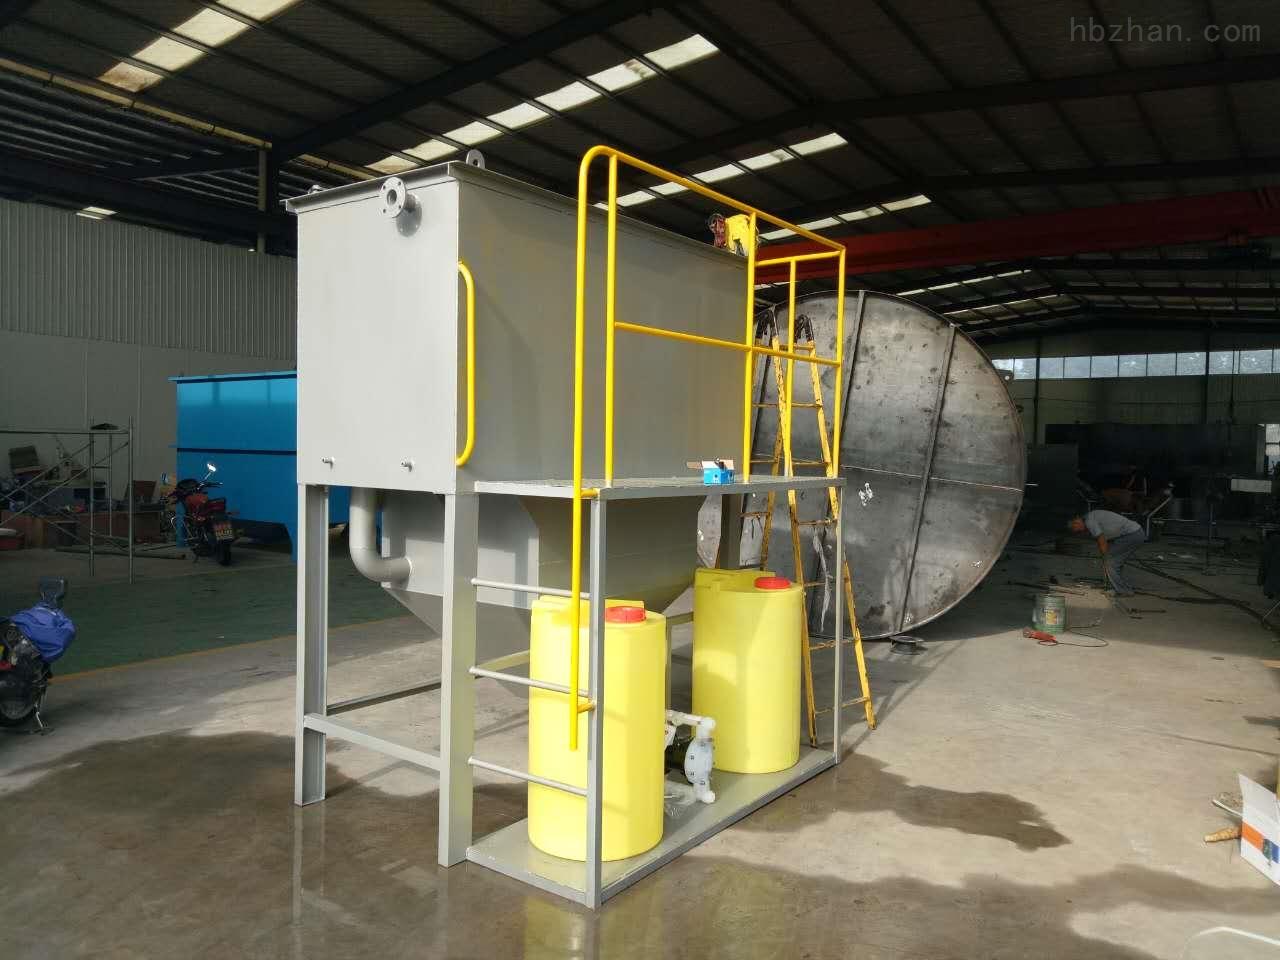 貴州中小型污水處理設備生産廠家